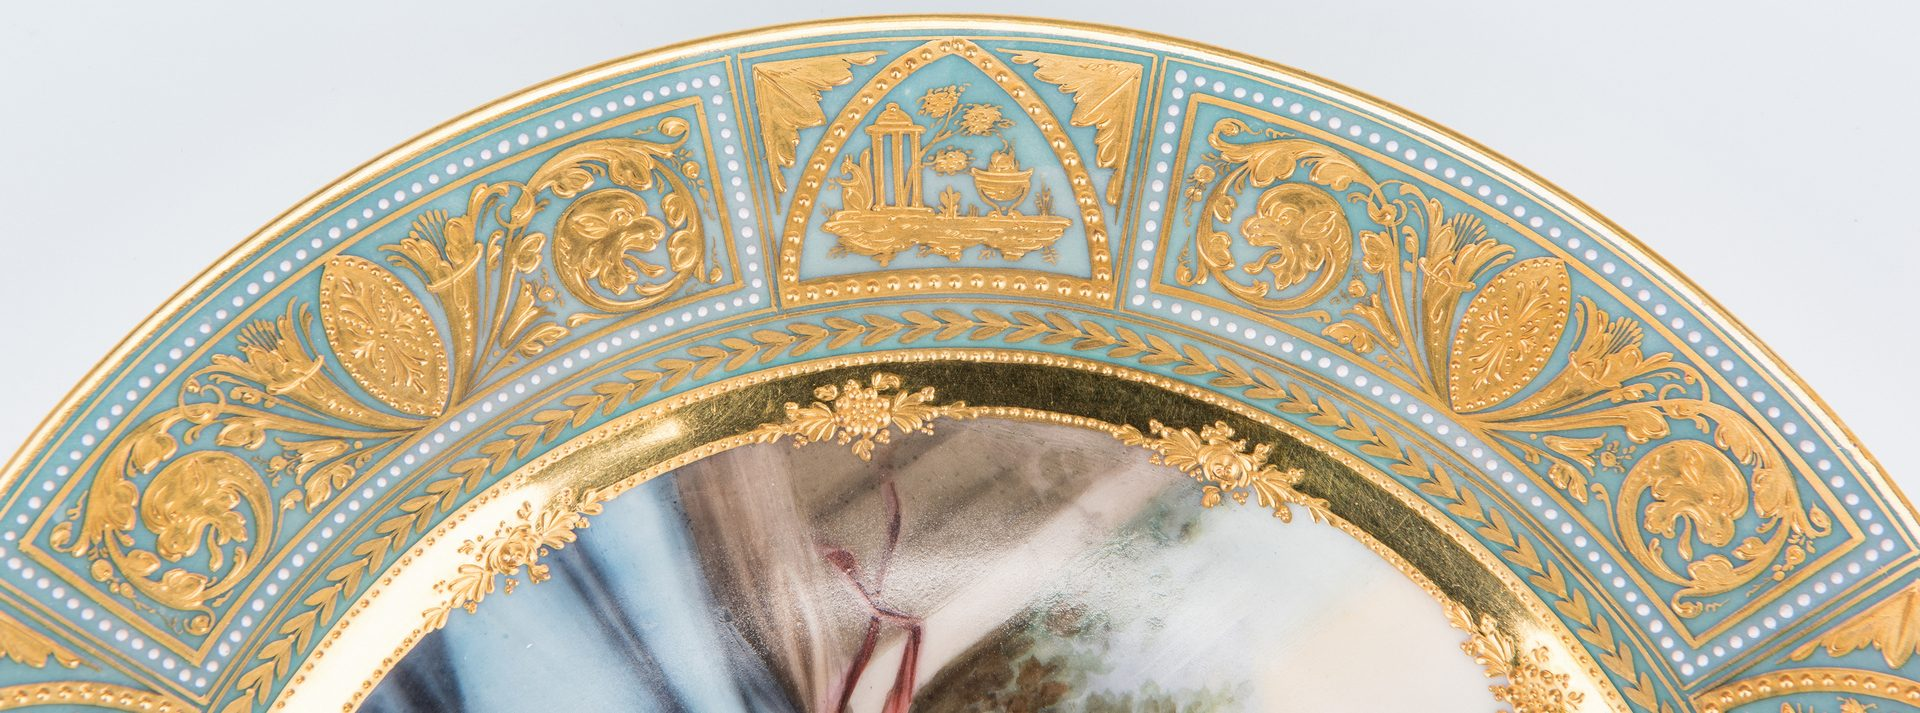 """Lot 223: Royal Vienna Porcelain Cabinet Plate signed Wagner, """"Taste"""""""